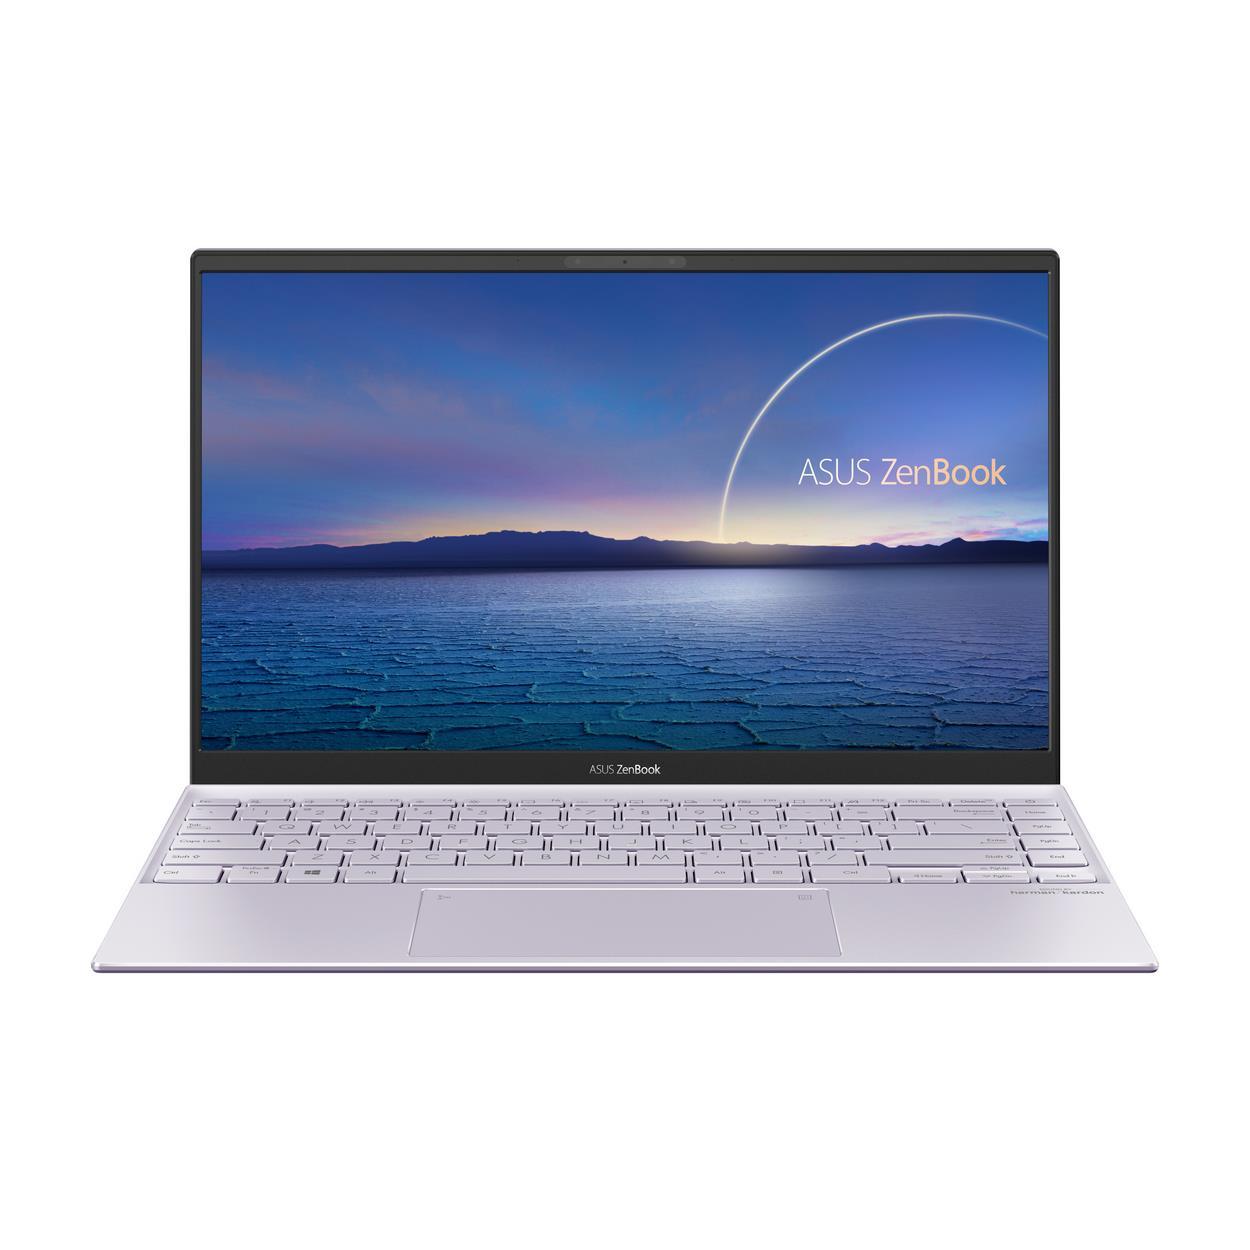 ASUS ZenBook 14 - 14